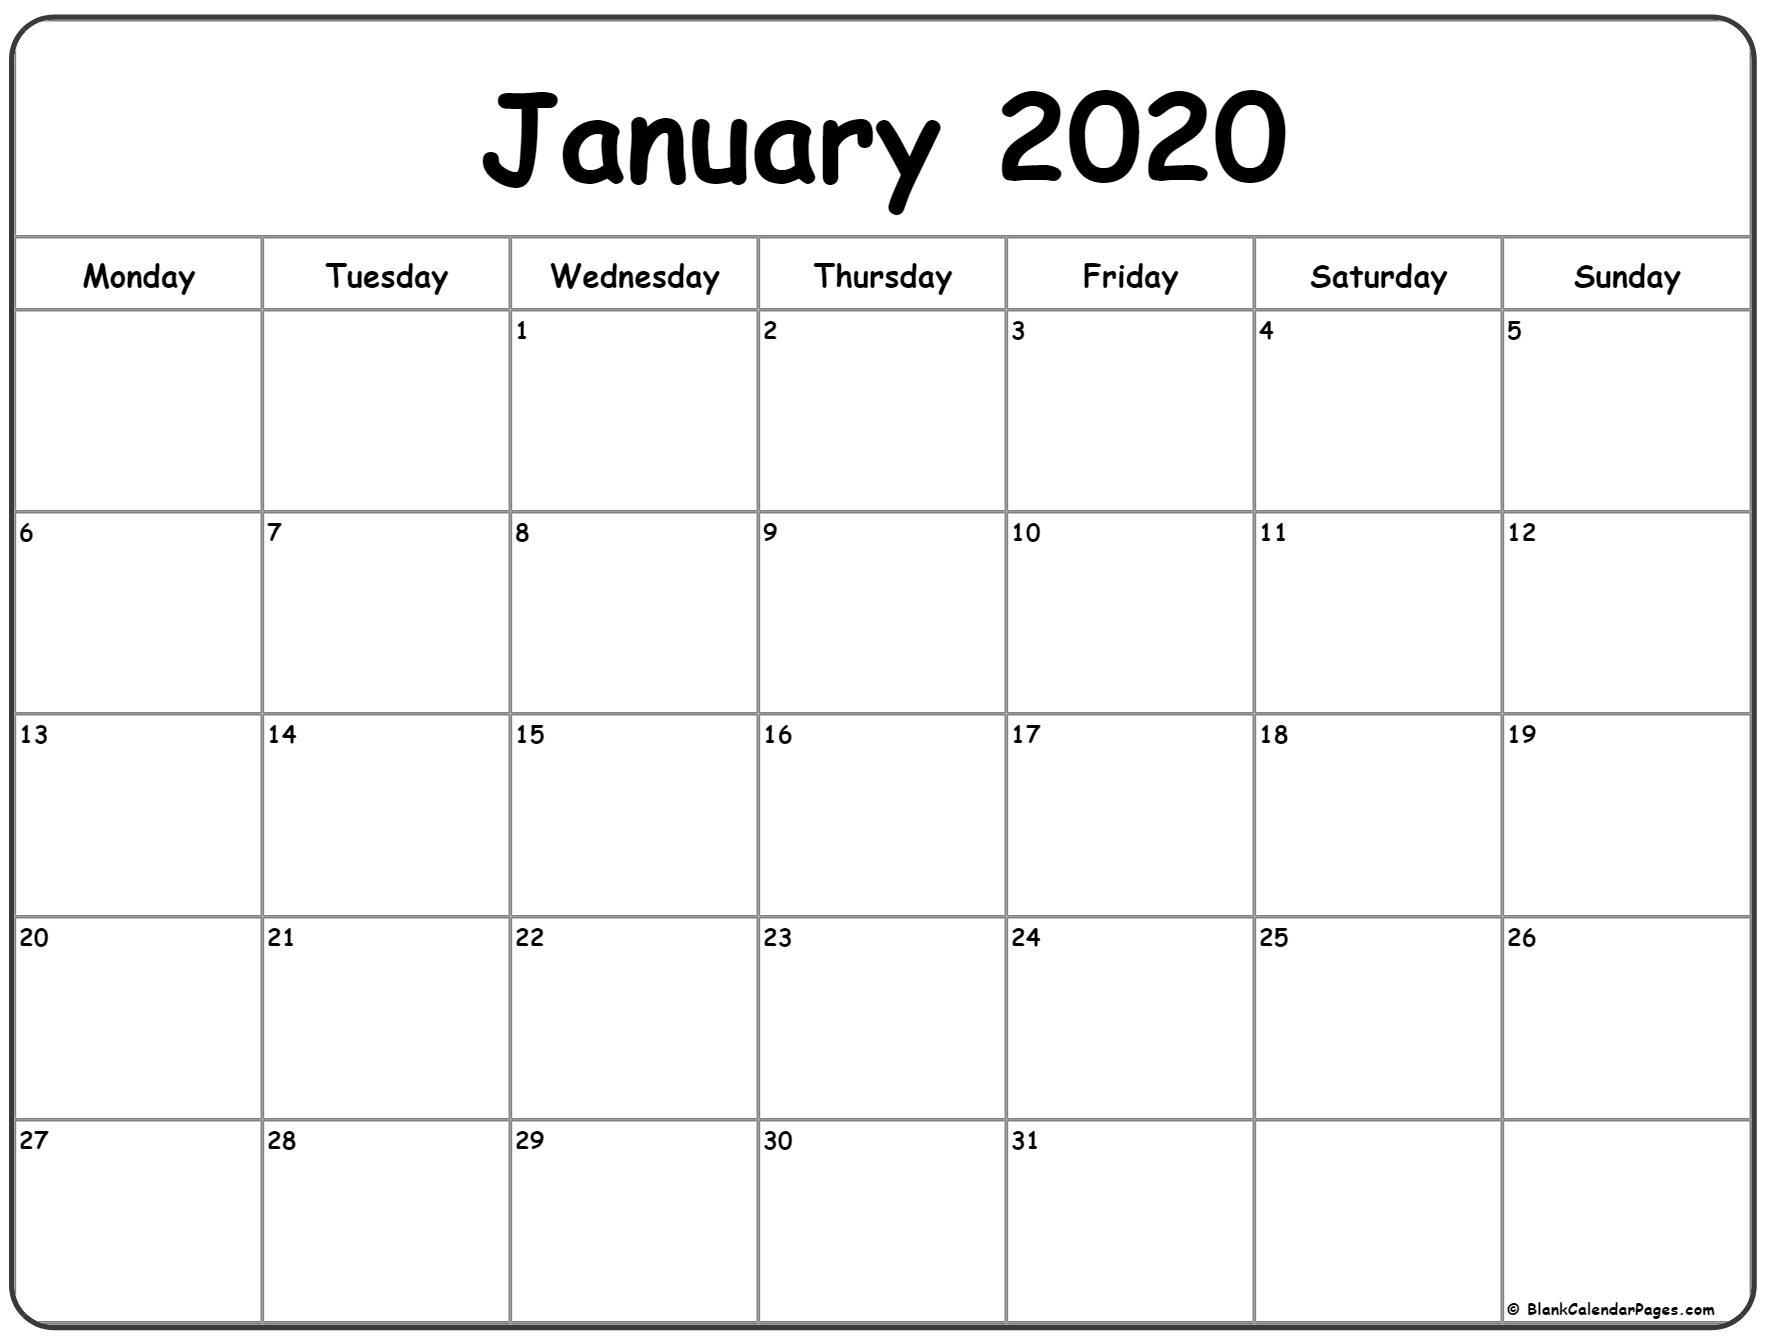 January 2020 Monday Calendar | Monday To Sunday-Calendar